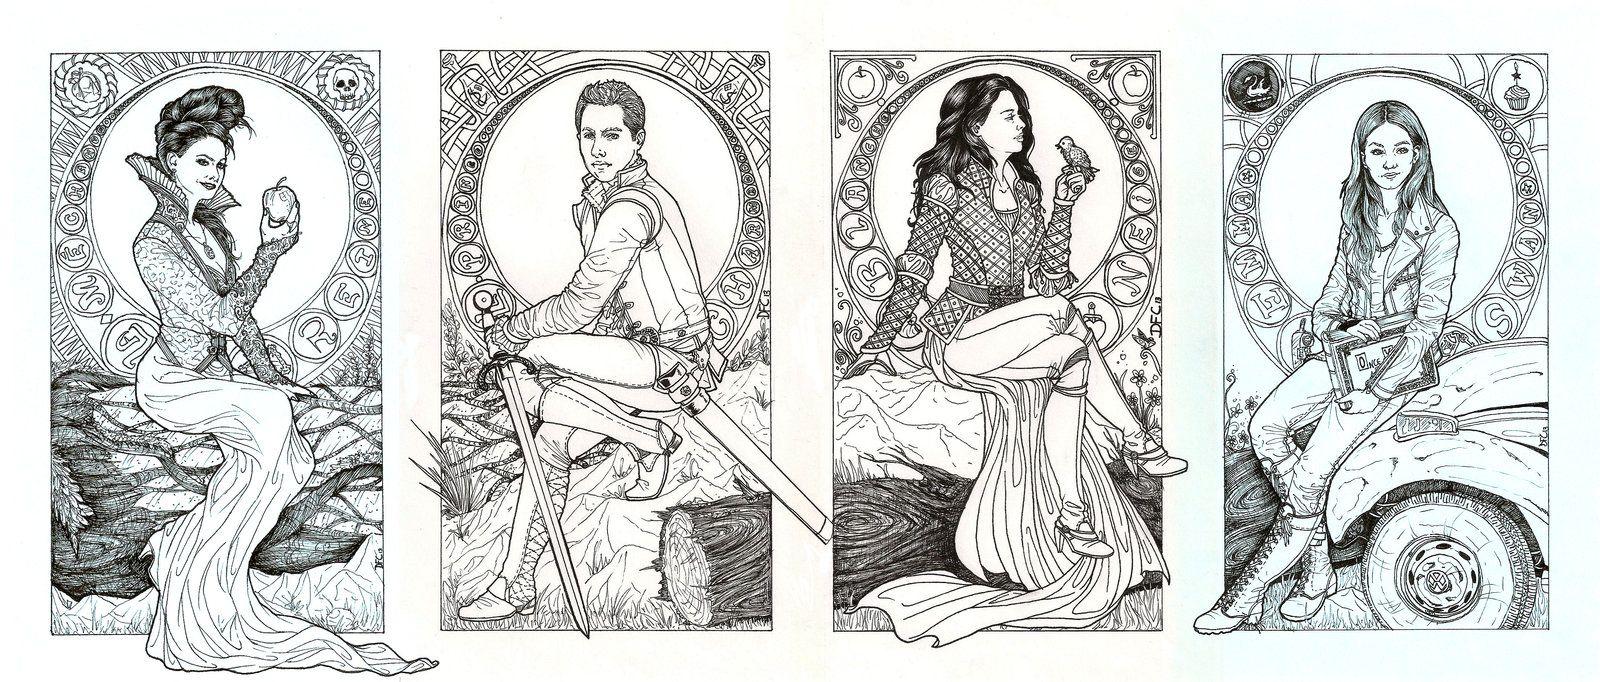 OUAT Queen Warrior Princess And Saviour By Danielfoezdeviantart On DeviantART